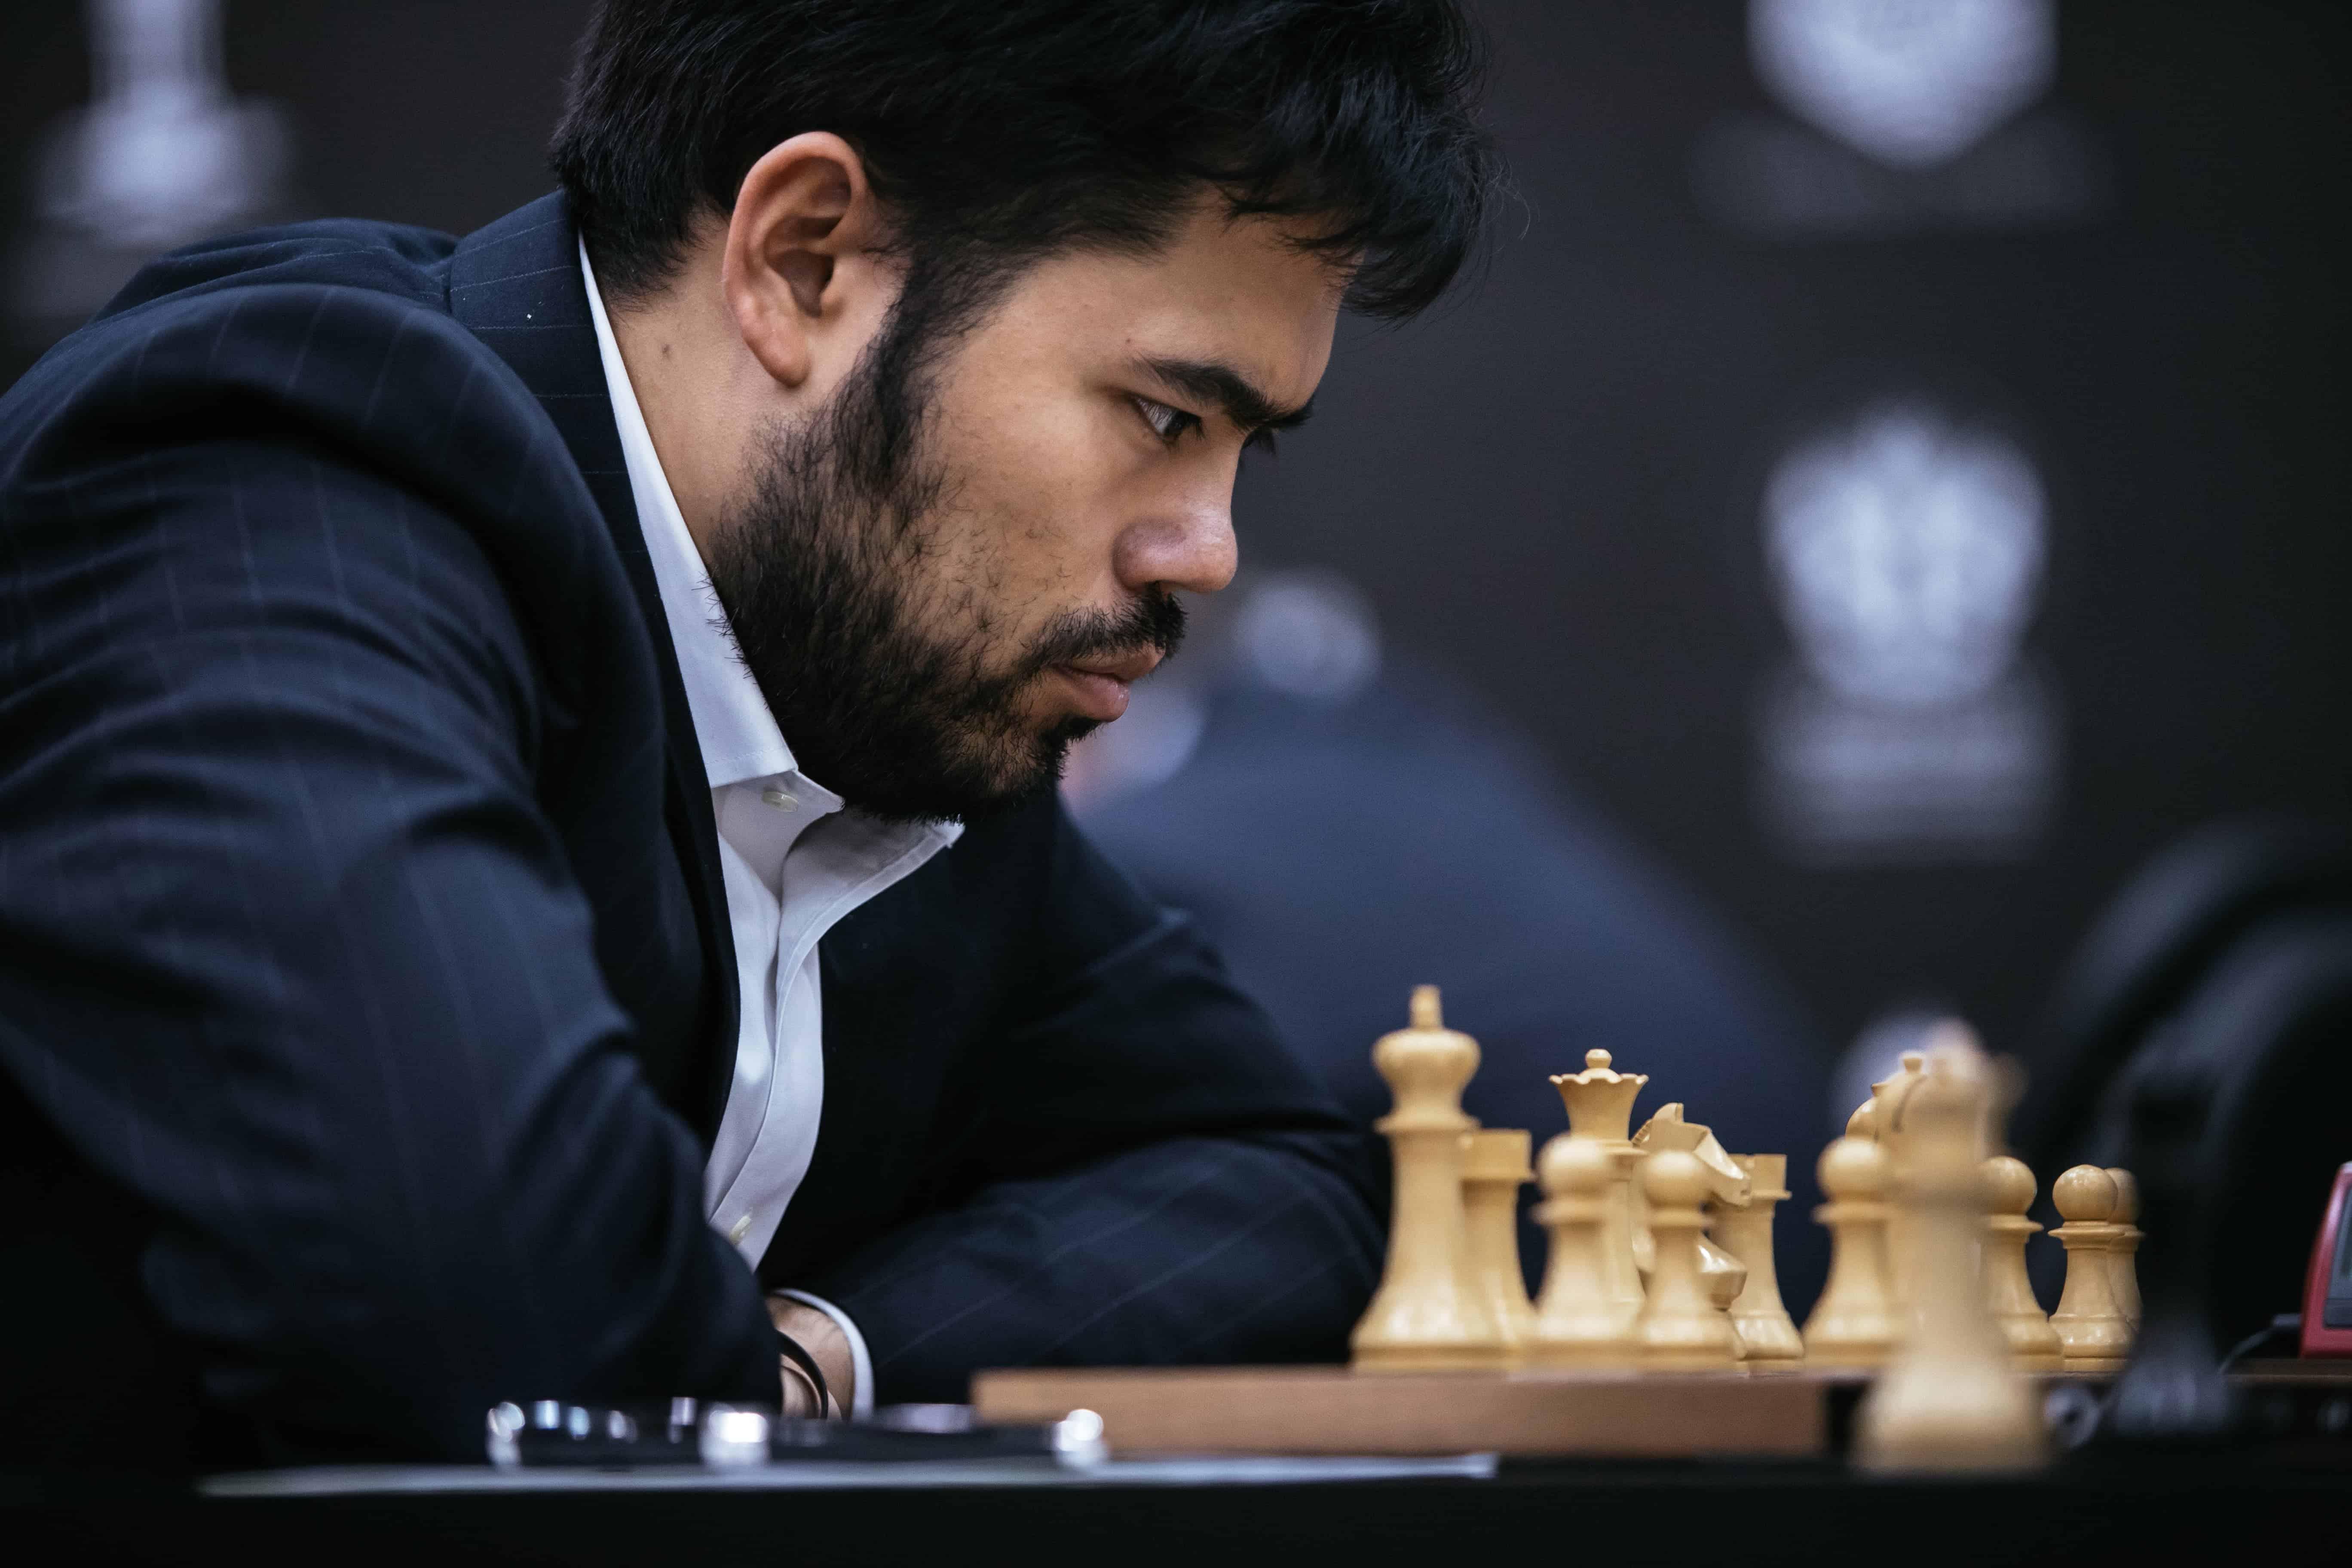 Hikaru Nakamura: An expert in chess tactics